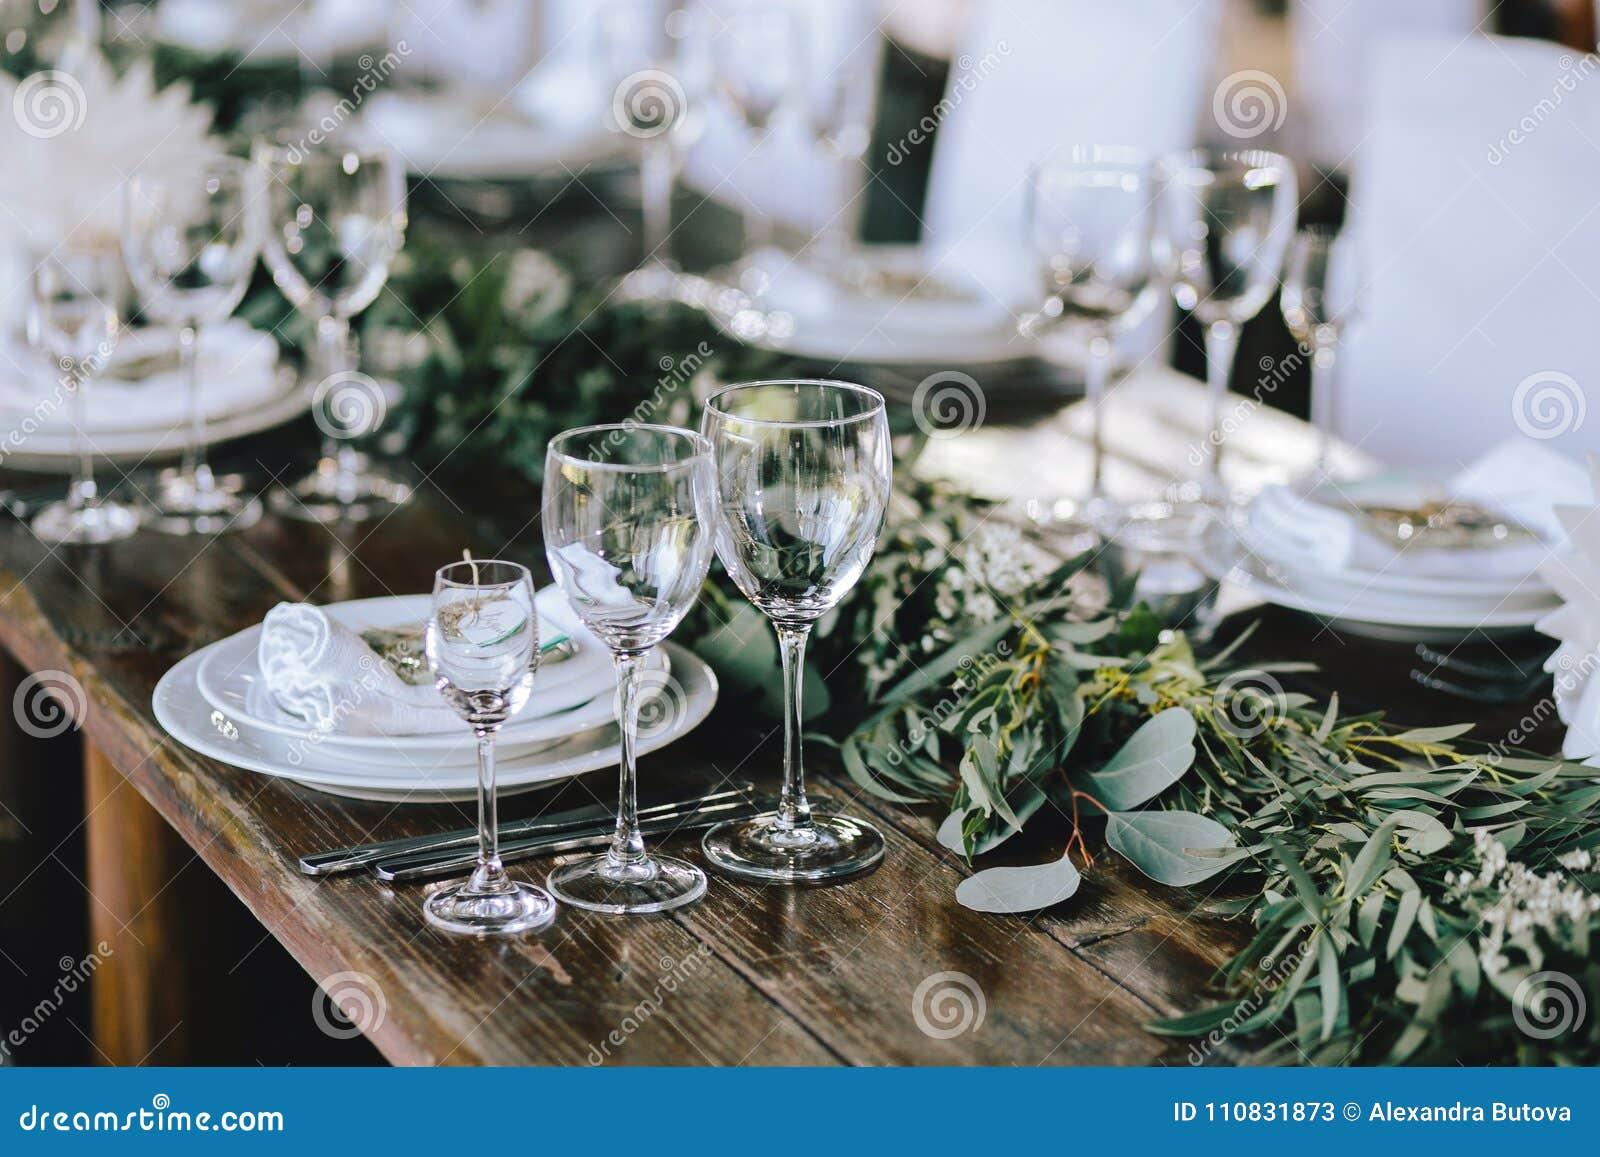 Украшенная элегантная деревянная таблица свадьбы в деревенском стиле с евкалиптом и цветками, плитами фарфора, стеклами, салфетка